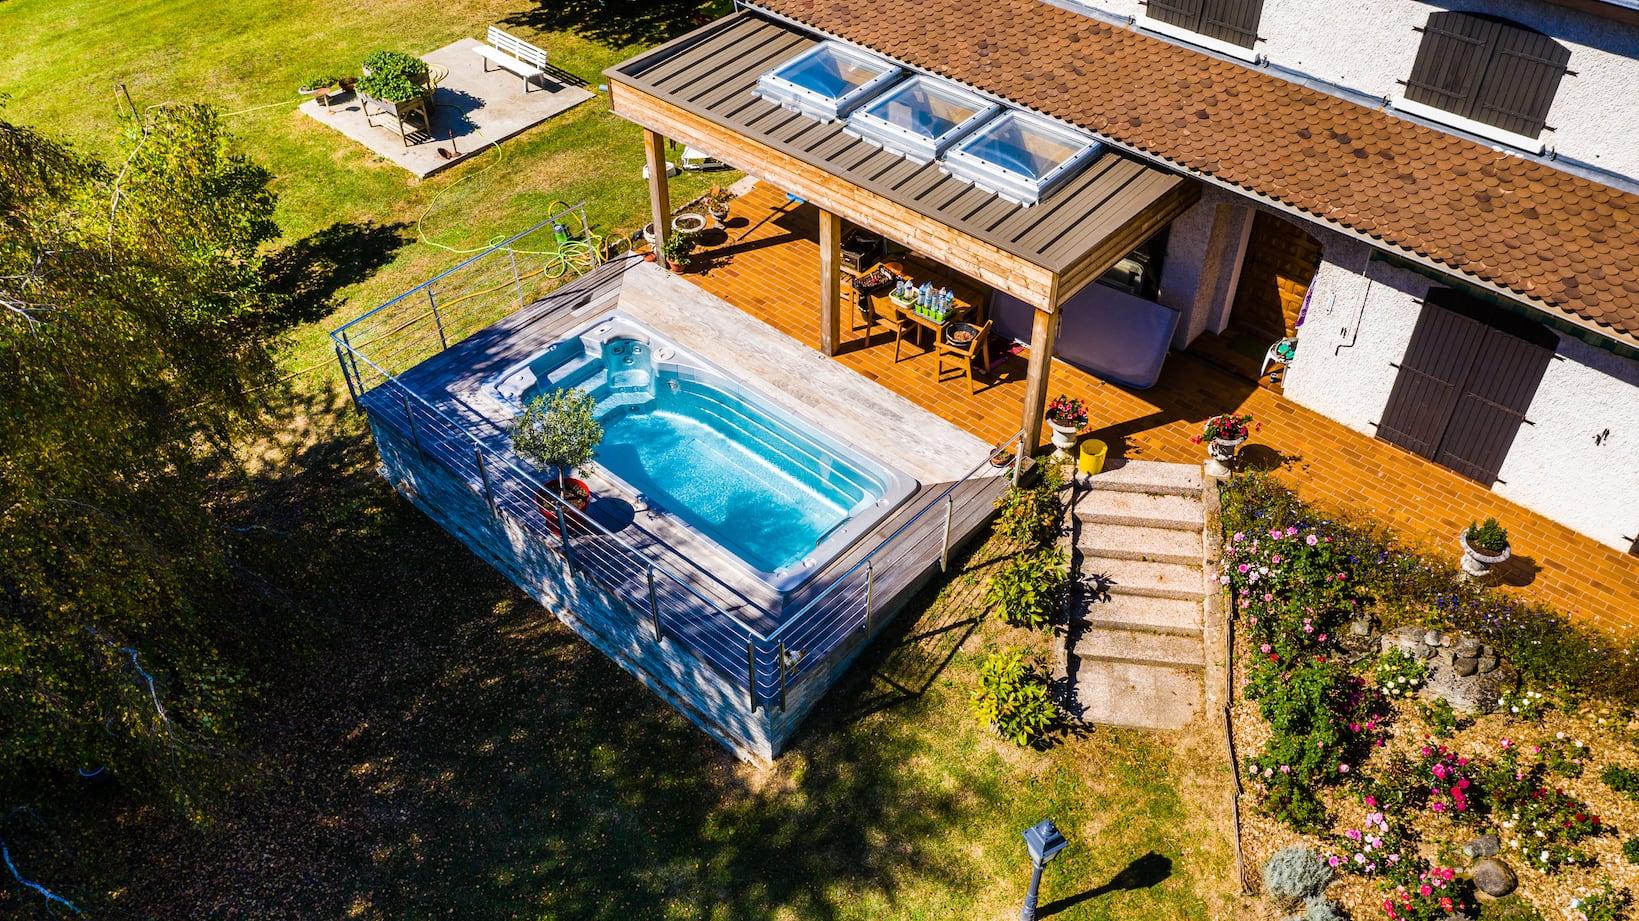 Piscine et terrasse de qualité supérieure à Bourgoin